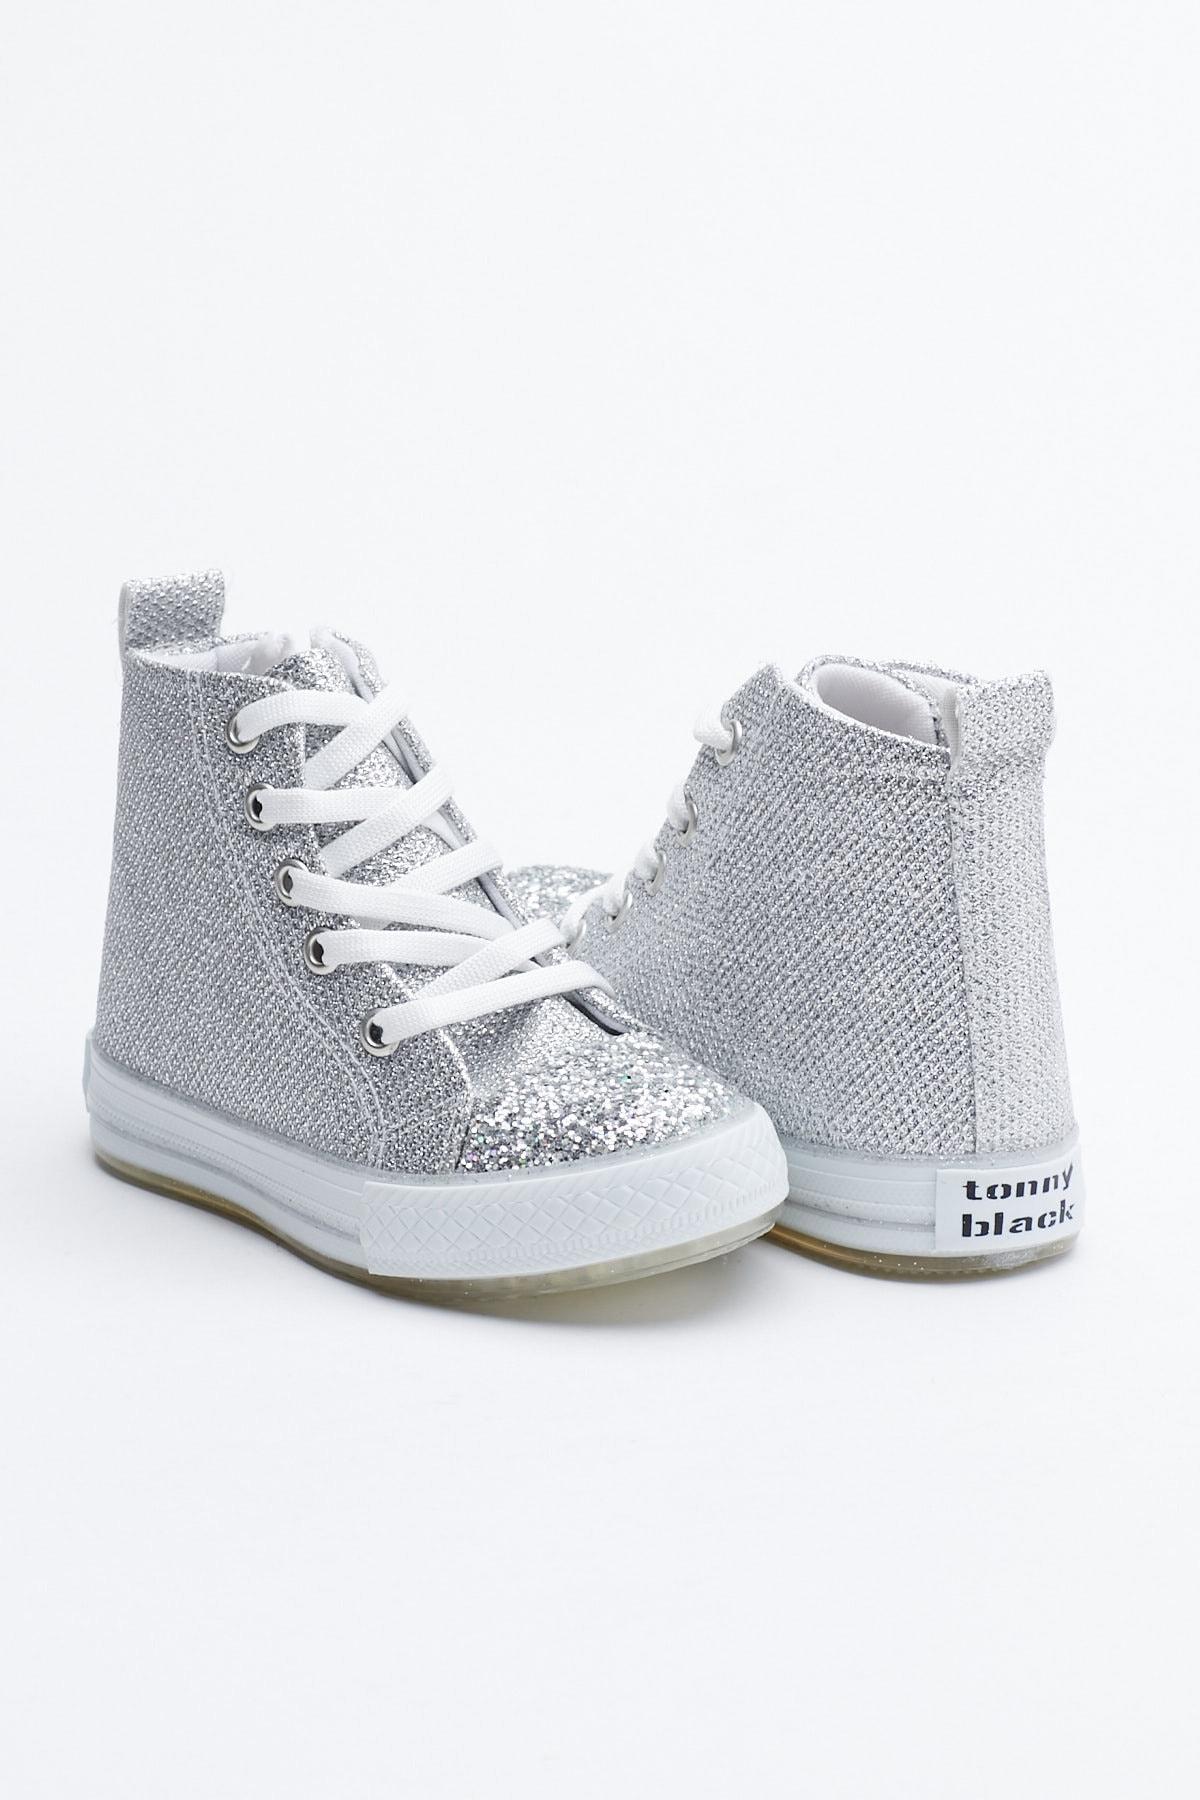 Tonny Black Gümüş Çocuk Spor Ayakkabı Uzun Tb999 1